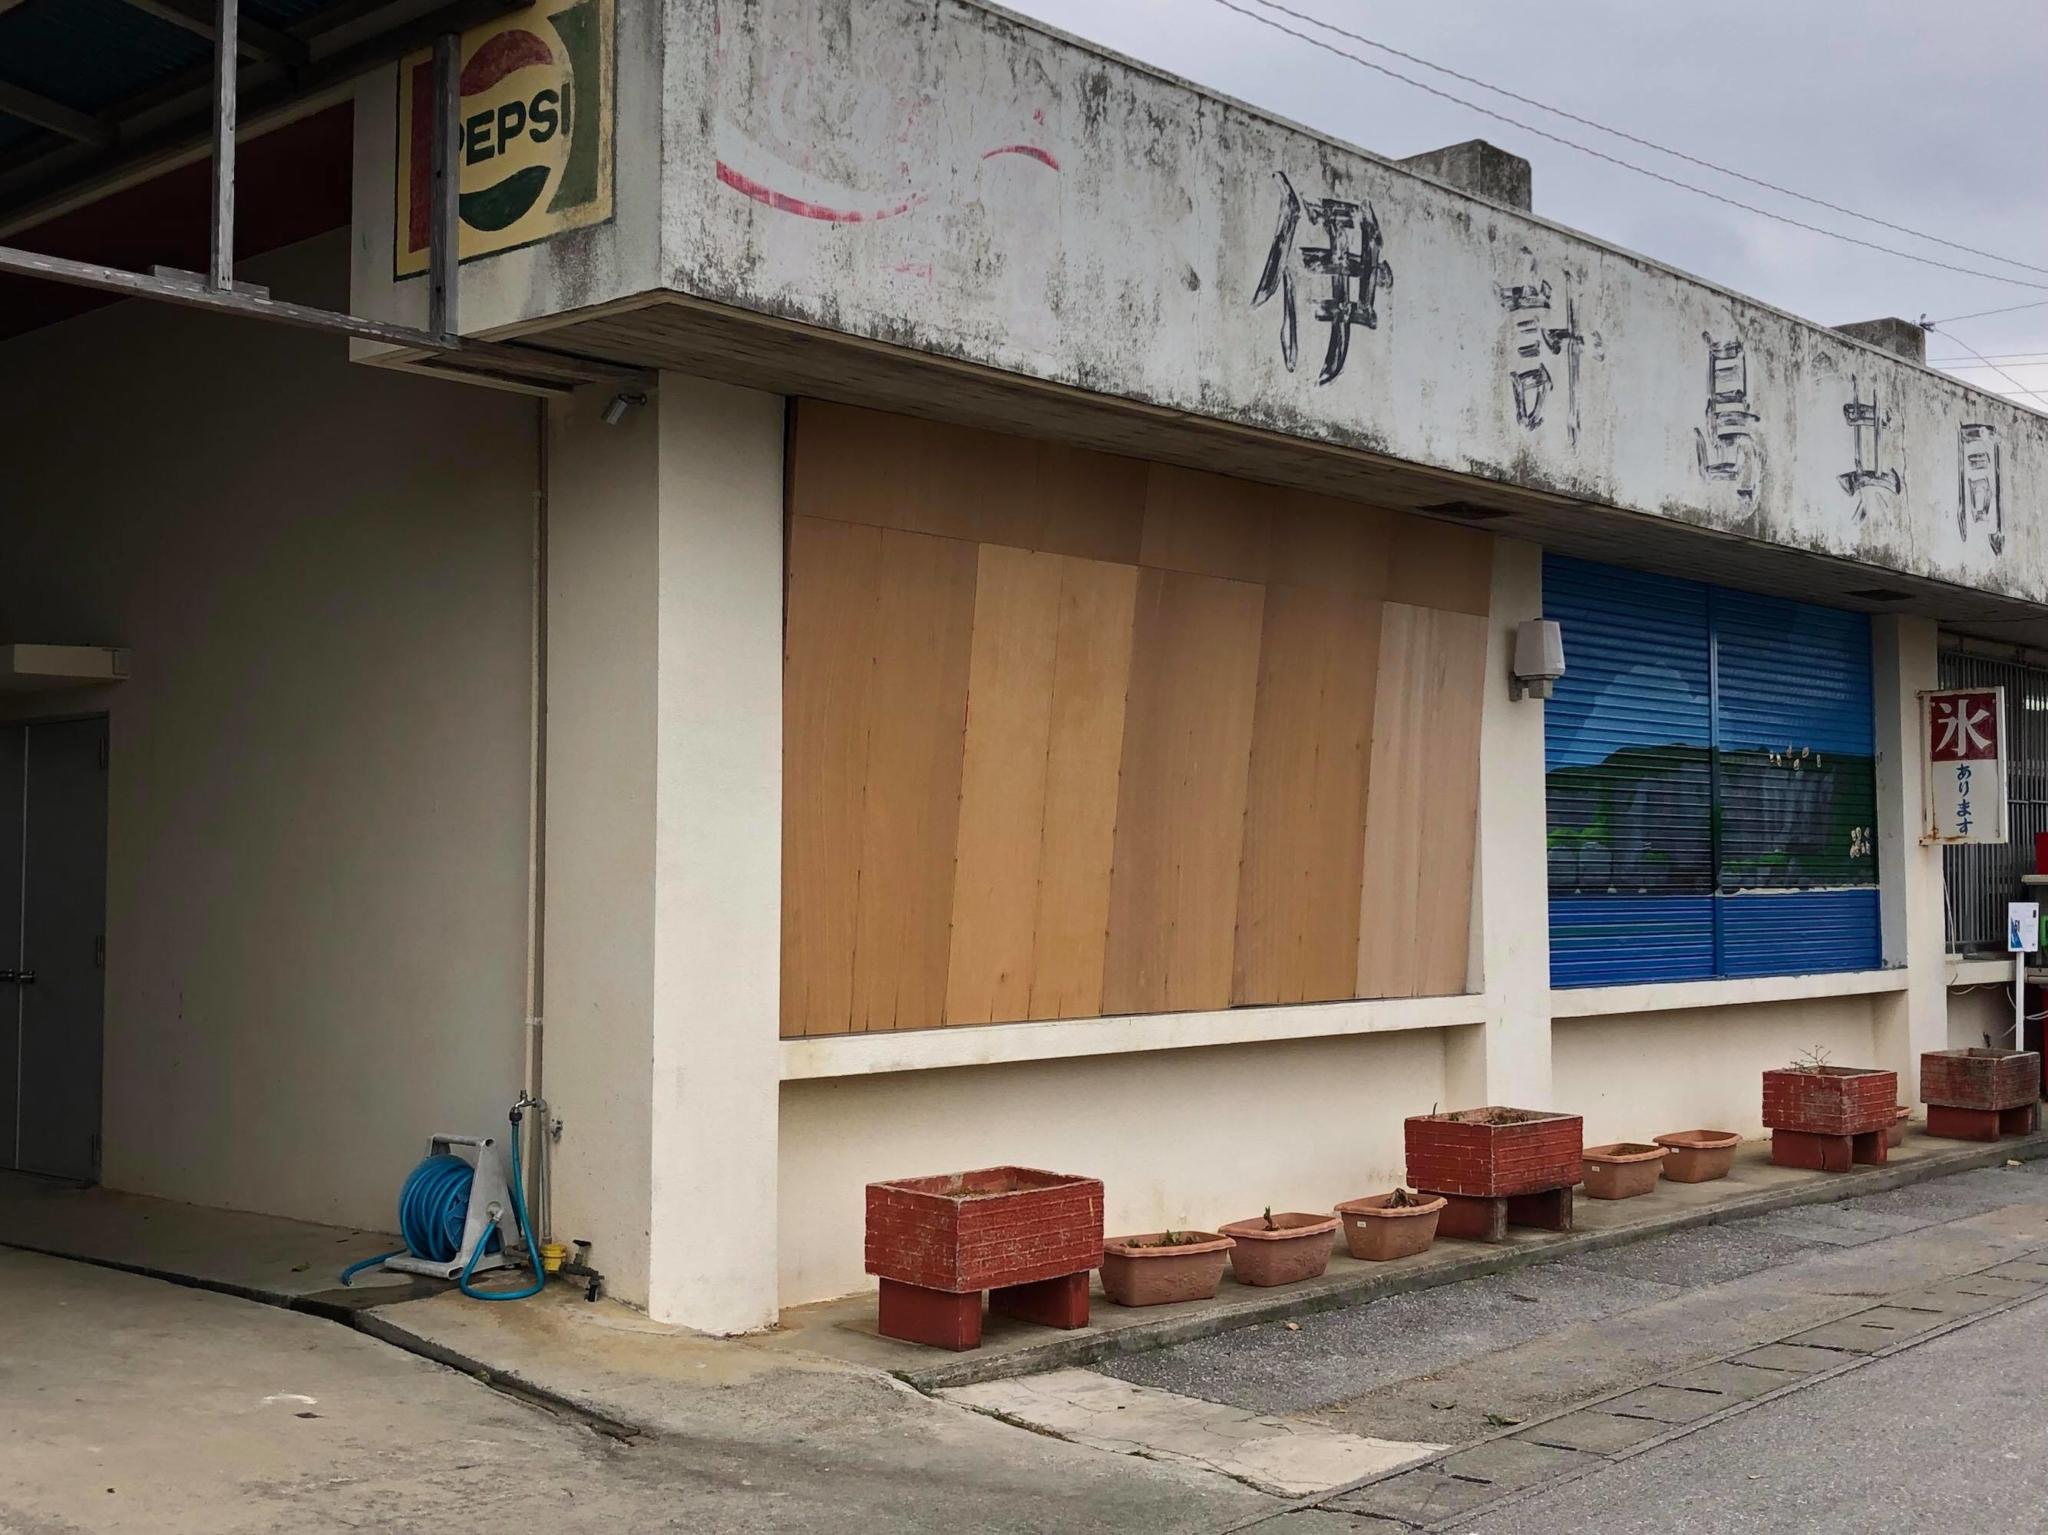 ベニヤ板によって隠された『落米のおそれあり』と、石垣克子『漁港からの眺め アモジバンタ』2017